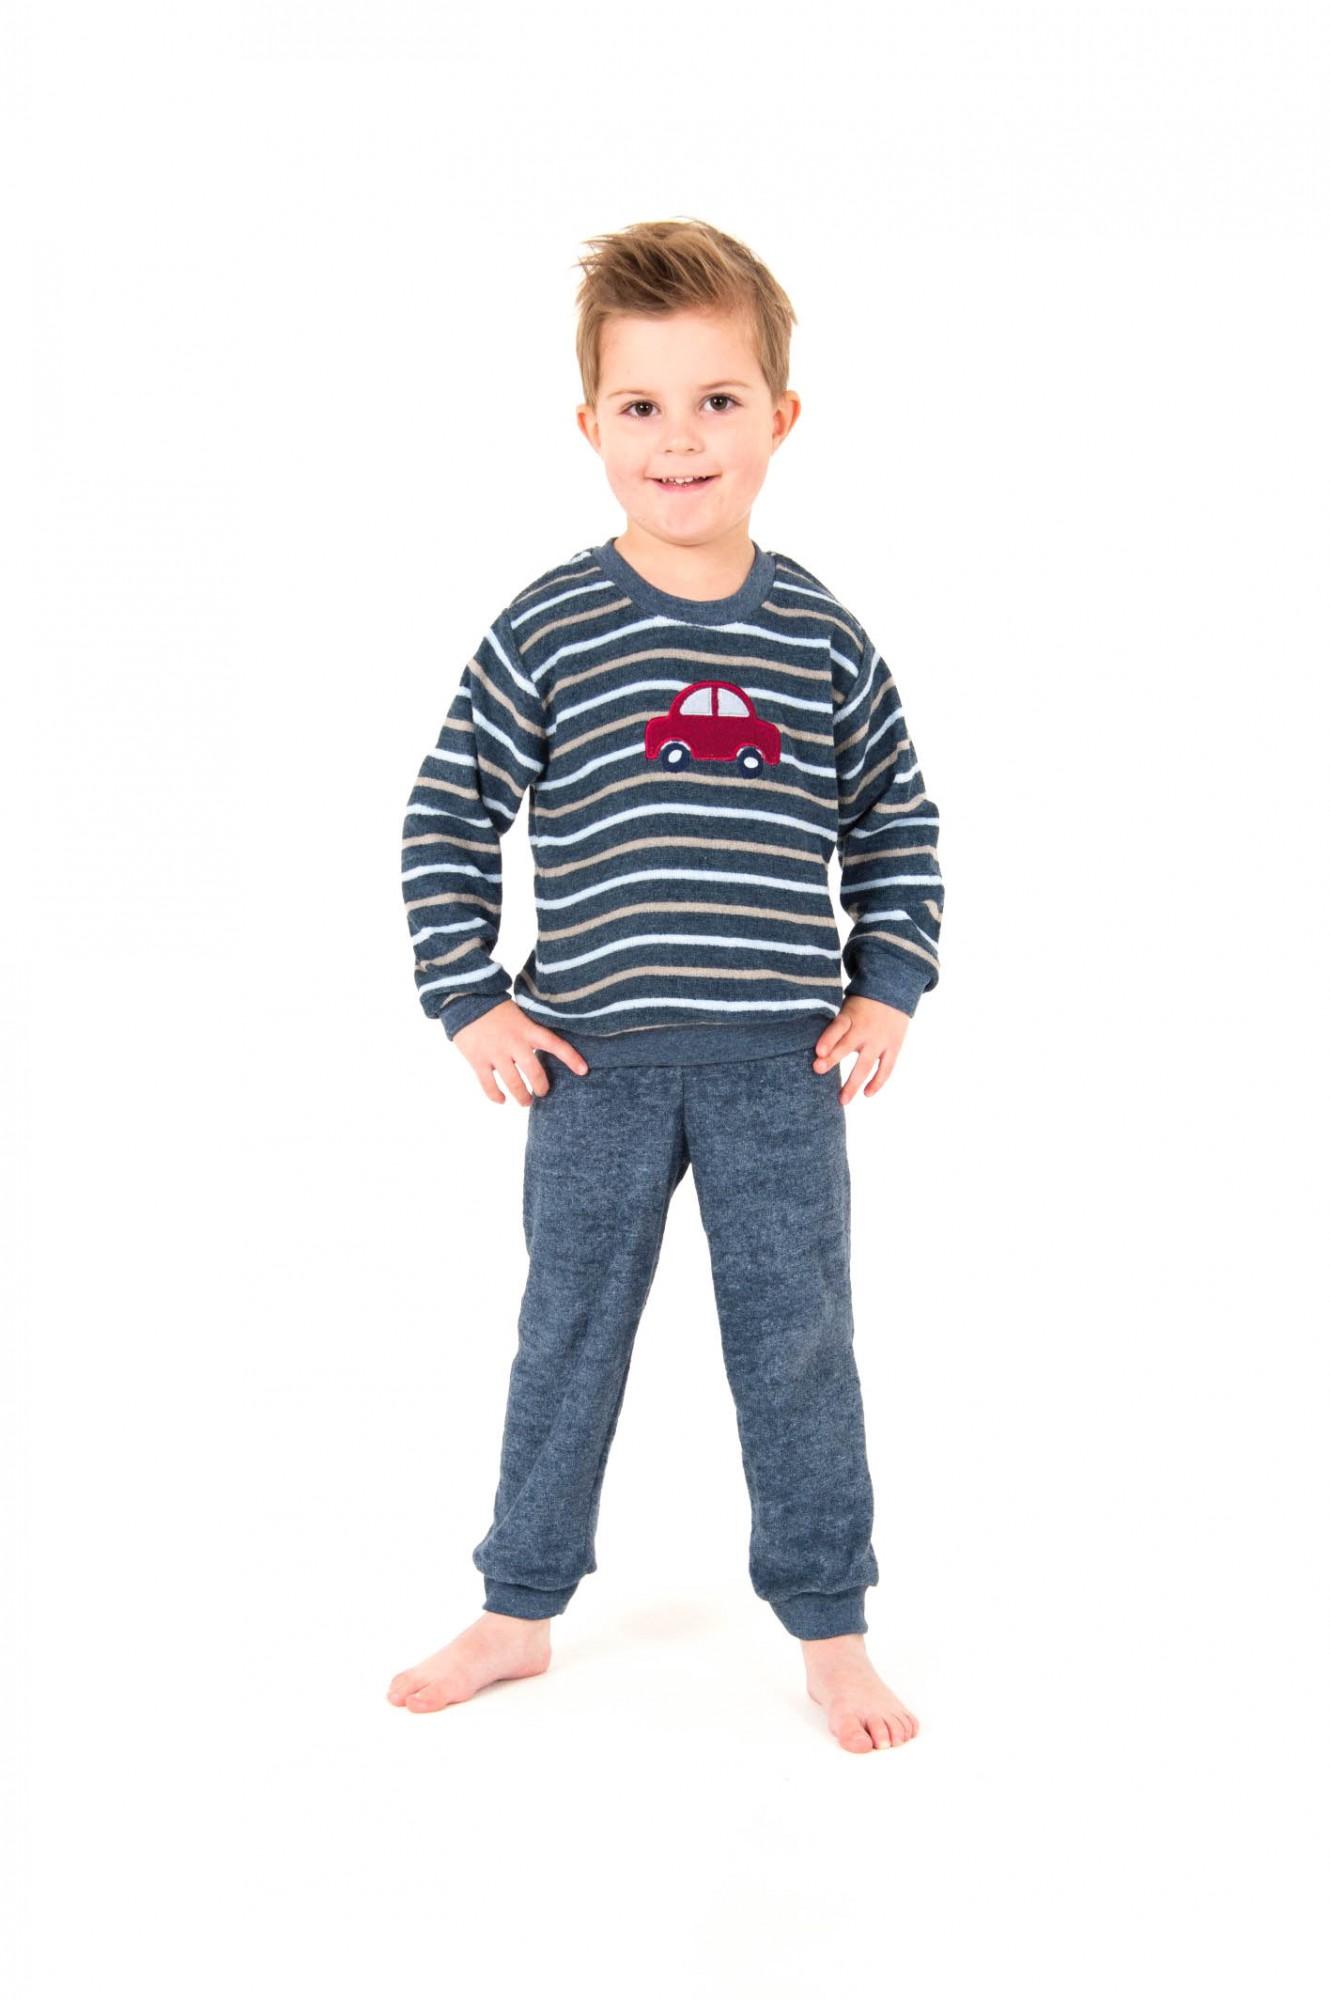 Jungen Frottee Pyjama mit Bündchen - langarm – Grössen 86 bis 110 – 251 801 93 101 001